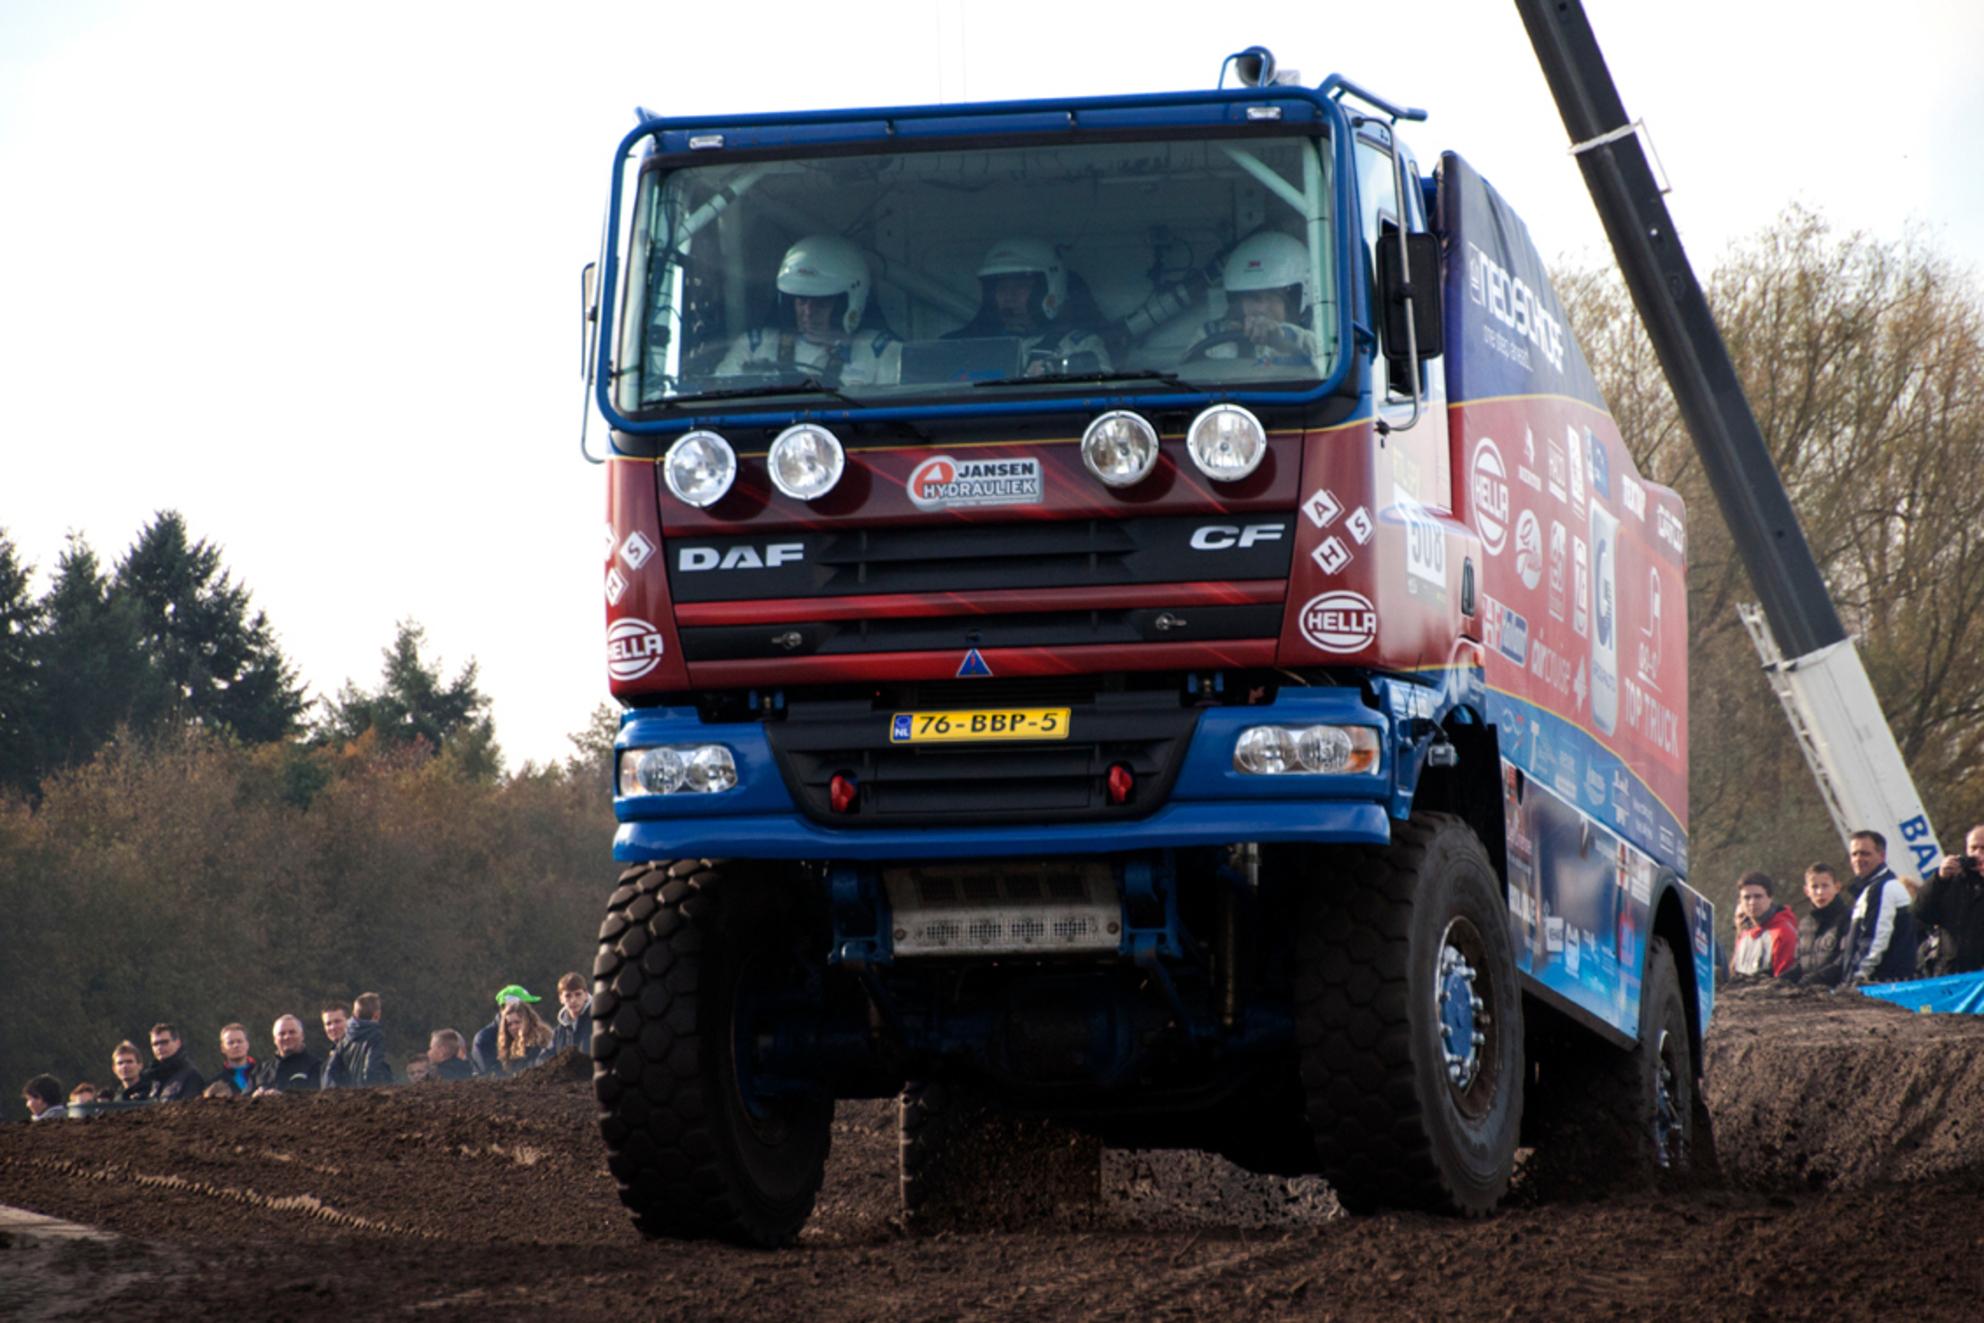 pre proloog dakar 2014 - - - foto door Br4m op 10-11-2014 - deze foto bevat: race, sport, auto, vrachtwagen, rally, autosport, circuit, valkenswaard, coureur, dakar, Pre Proloog - Deze foto mag gebruikt worden in een Zoom.nl publicatie